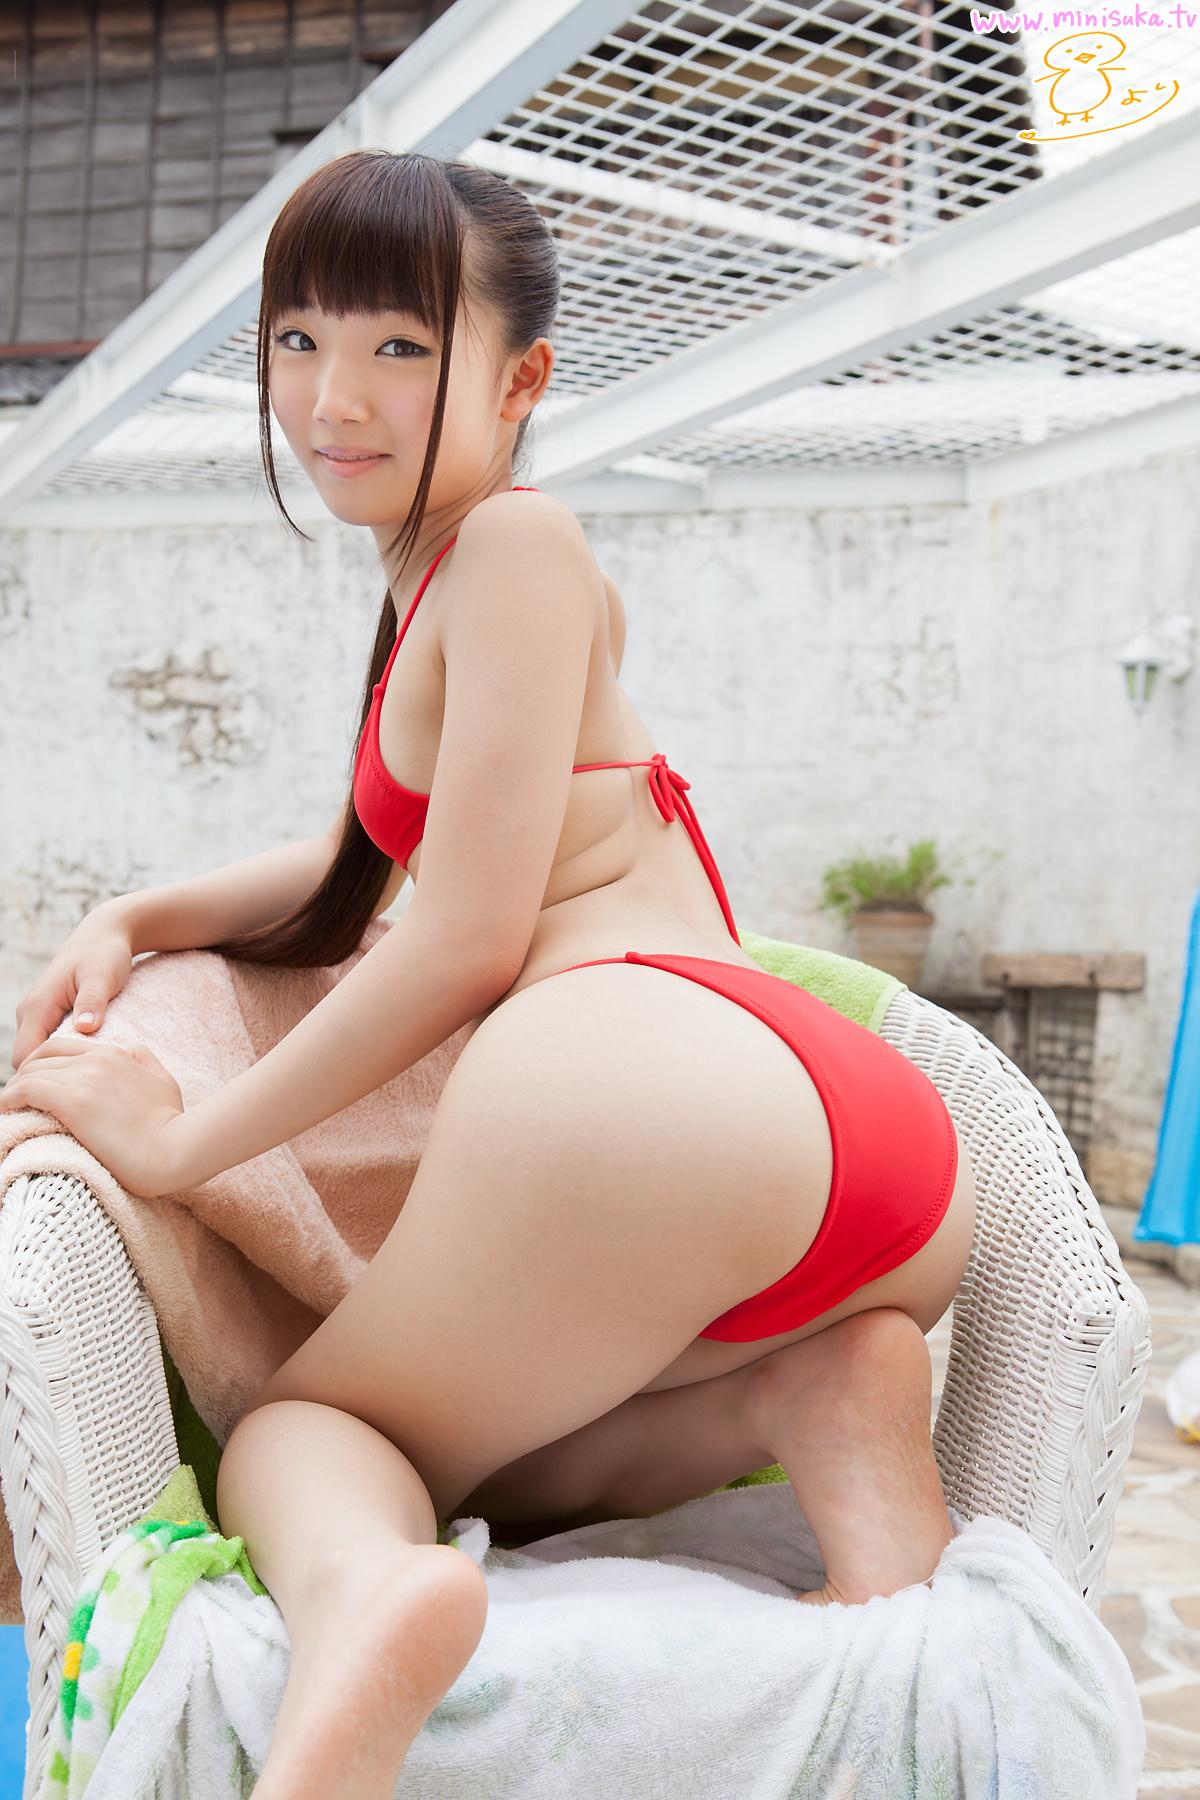 [Minisuka.tv] 2015-03-26 Hiyori Izumi – Premium Gallery 5 ...